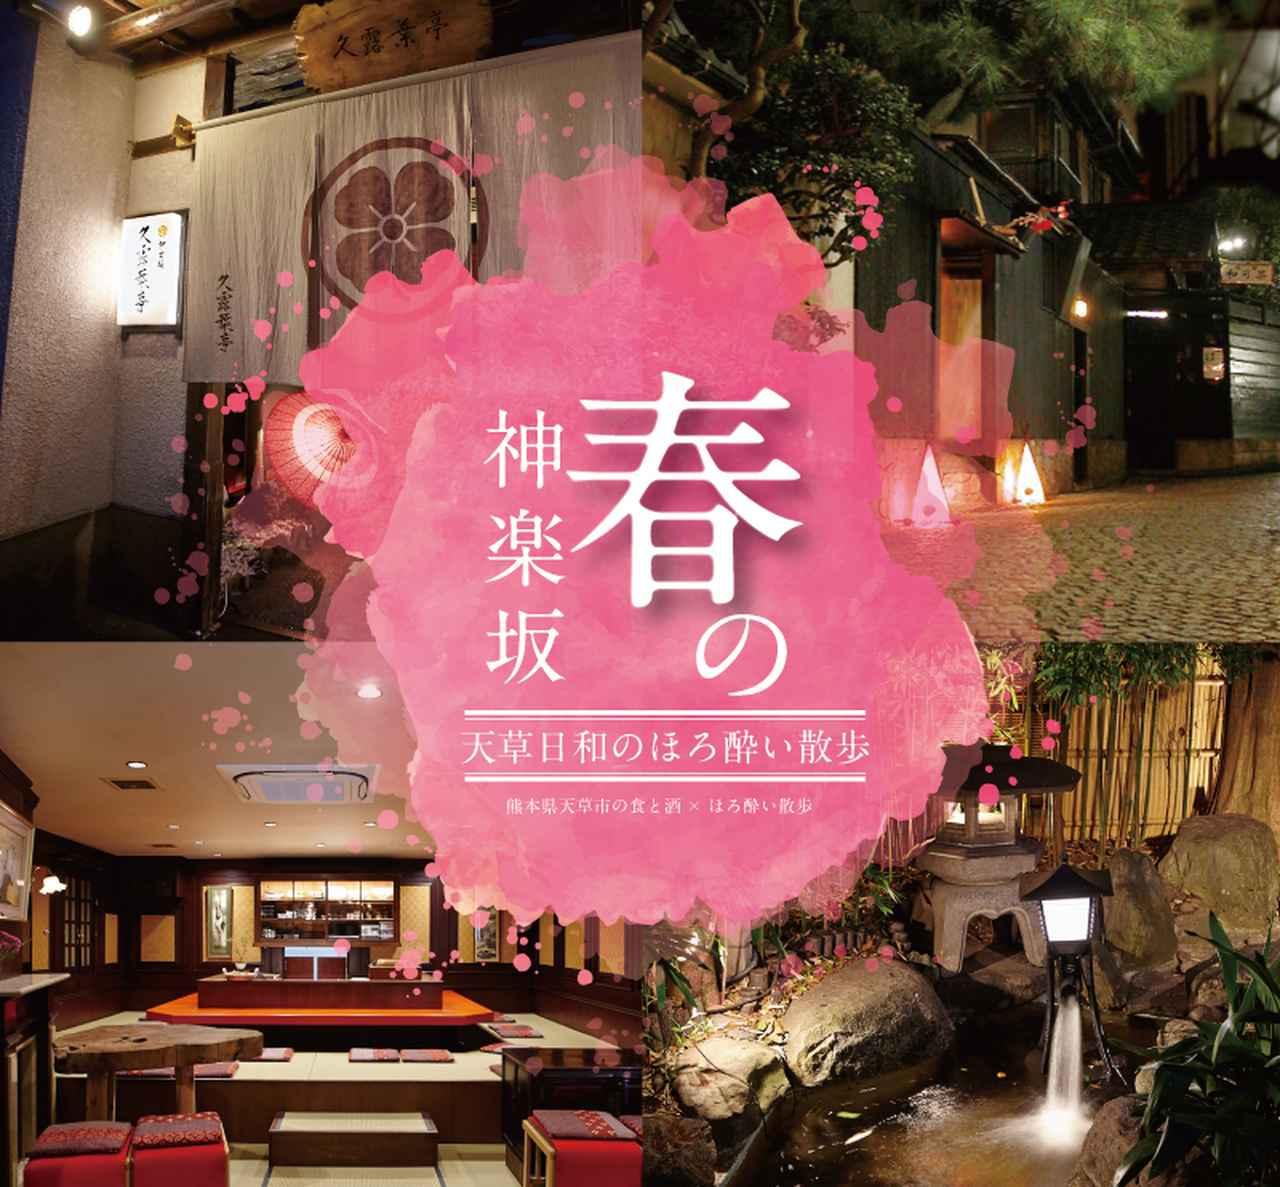 画像: 神楽坂古民家レストラン4店舗のご案内